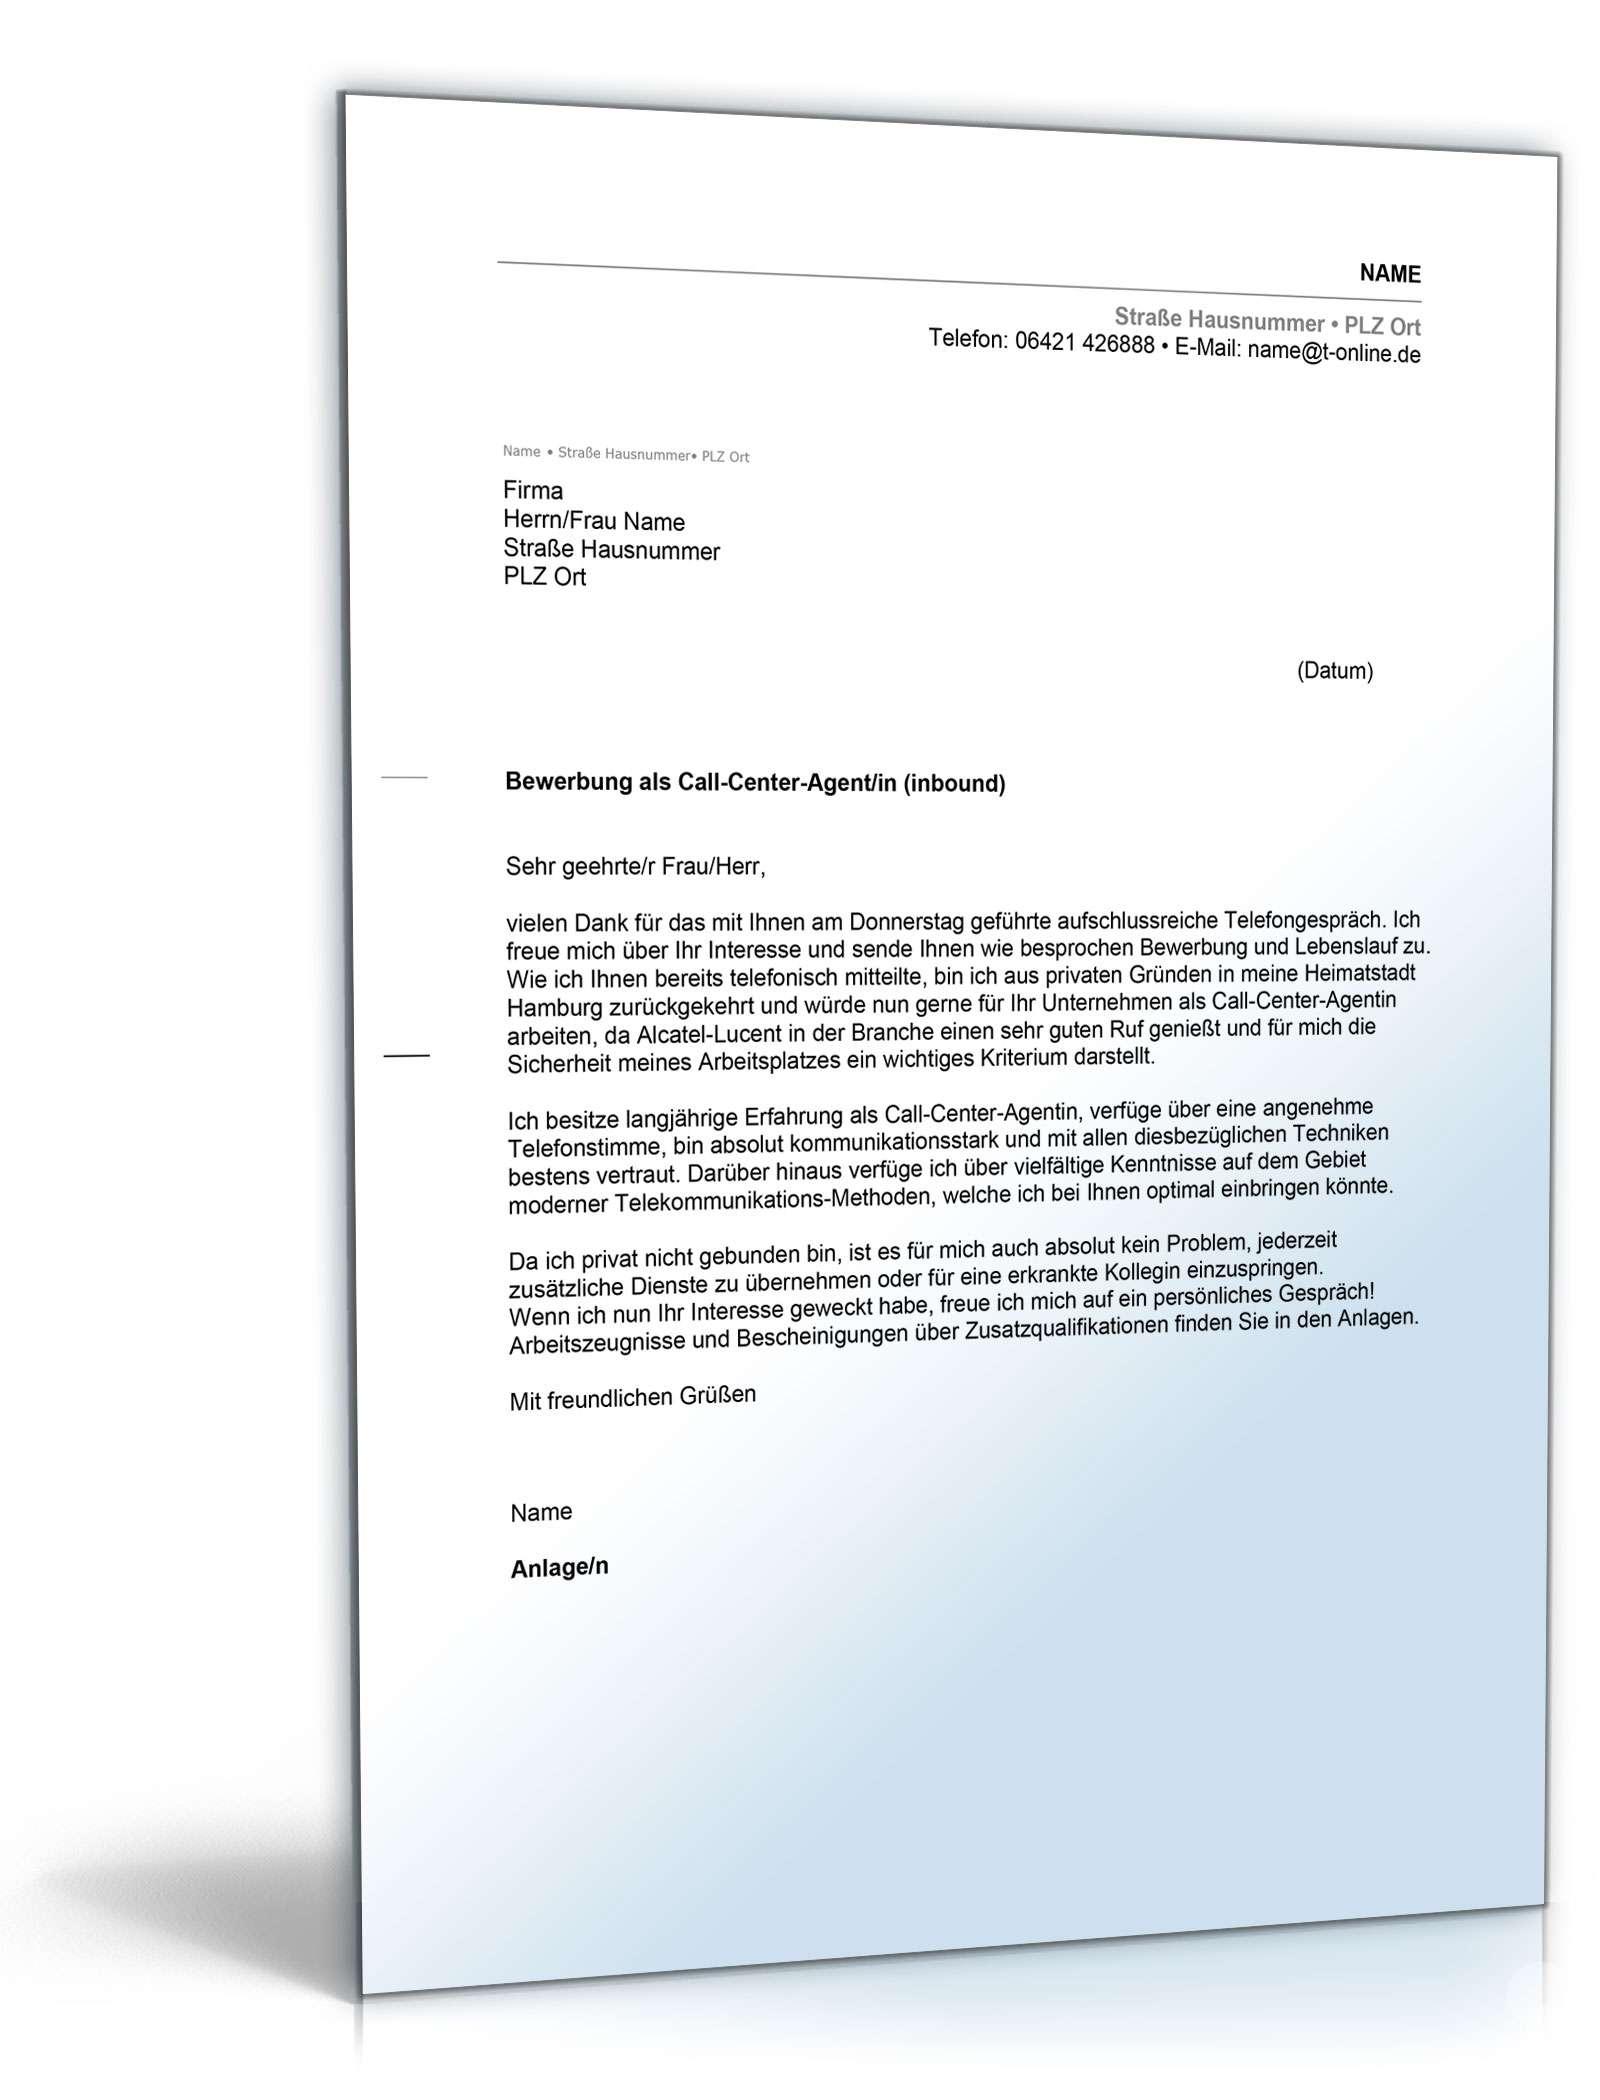 Anschreiben Bewerbung Call Center Agent Muster Zum Download